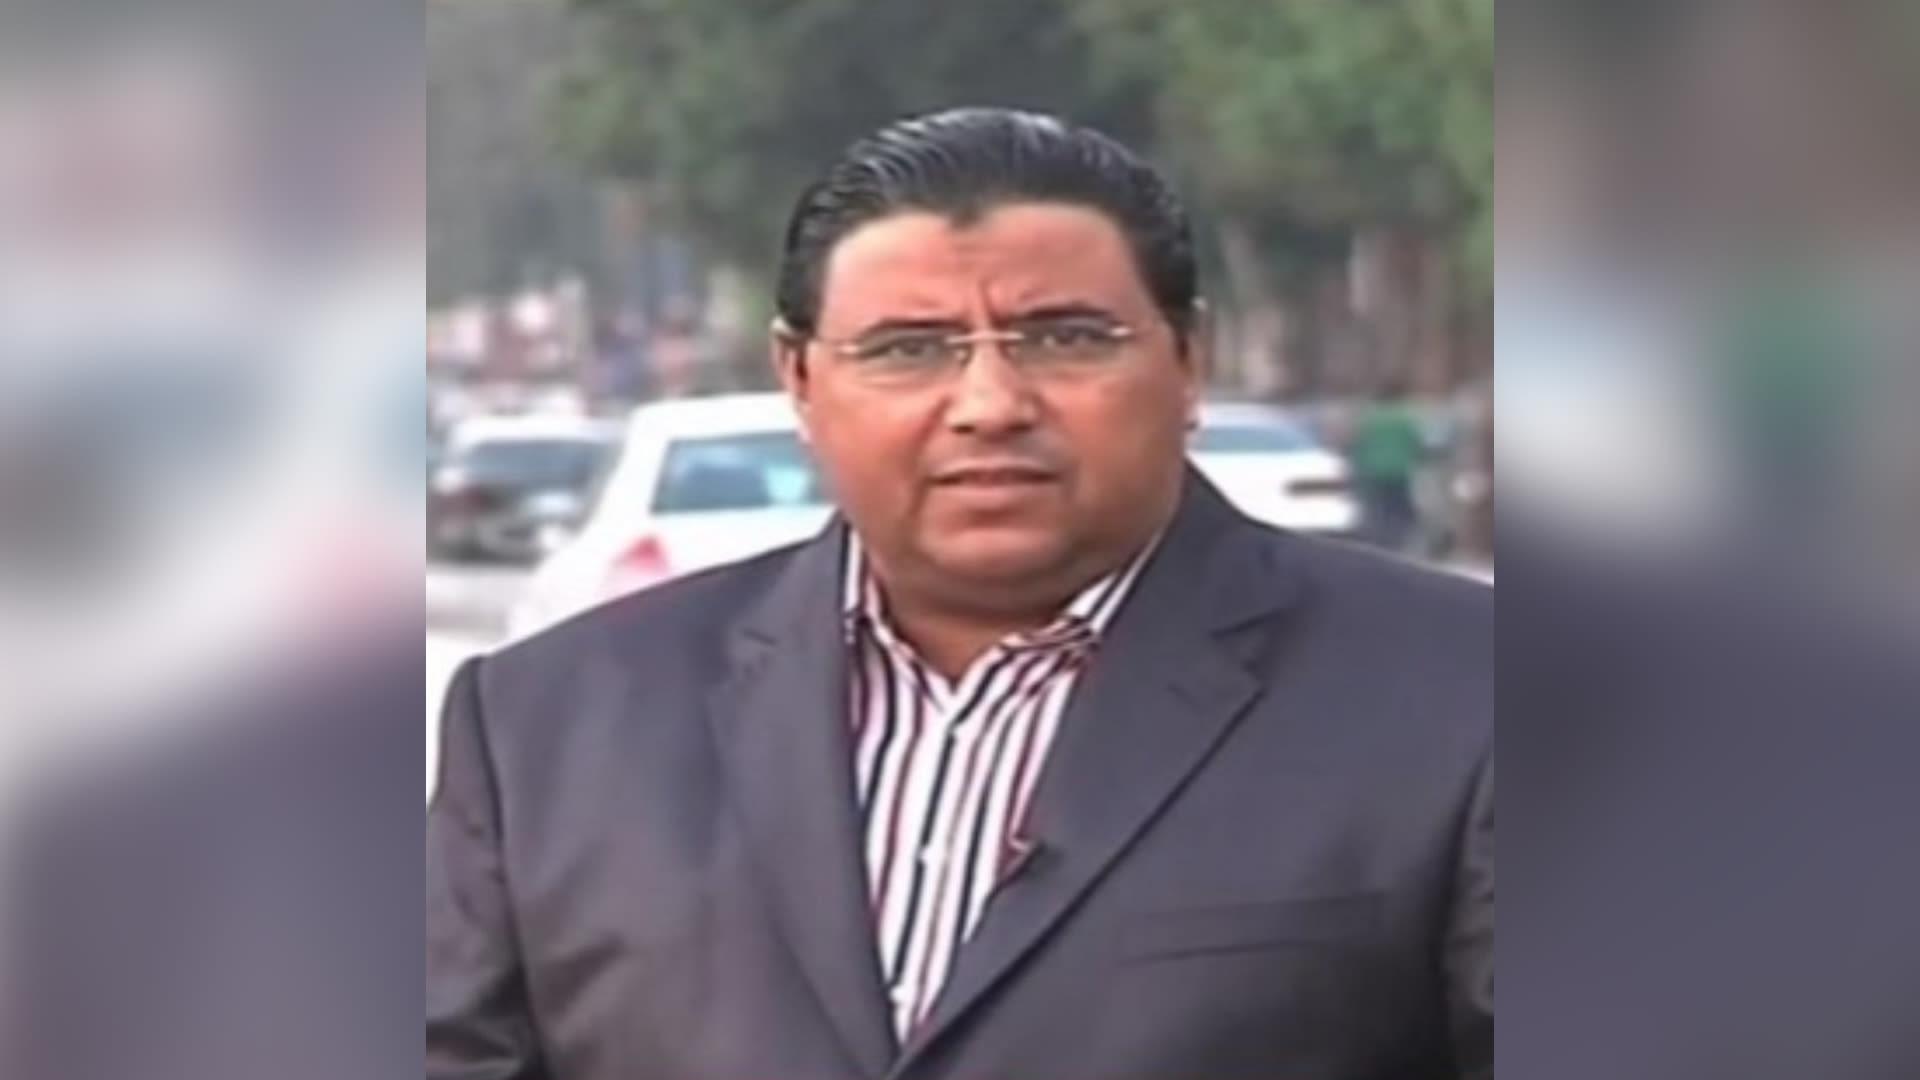 مصر تطلق سراح صحفي الجزيرة محمود حسين بعد سجنه أكثر من 4 سنوات دون محاكمة